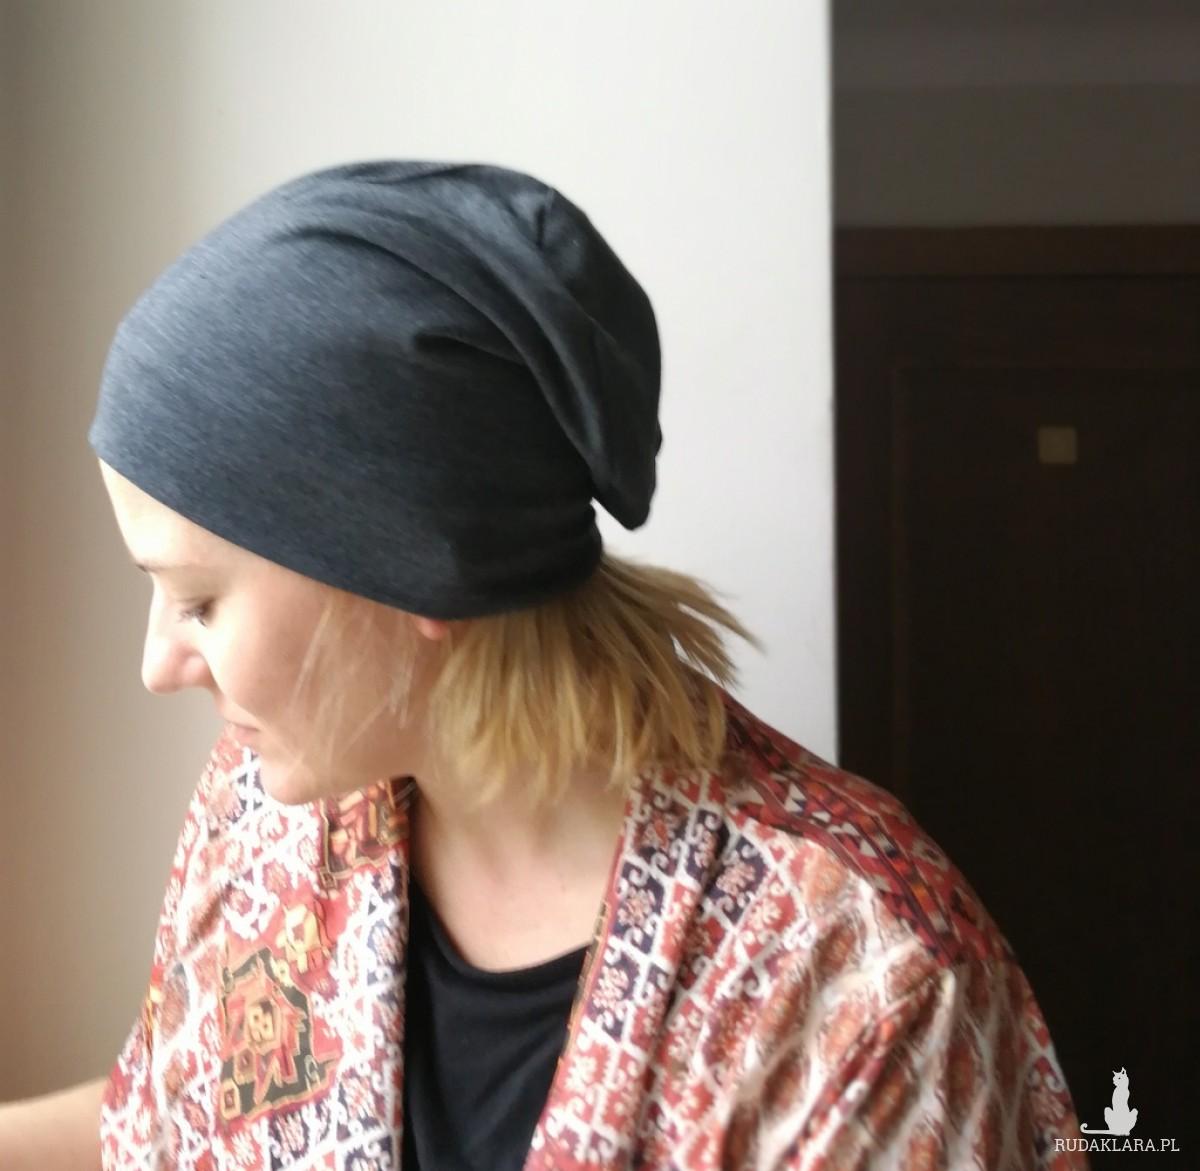 czapka damska dzianinowa sportowa szara